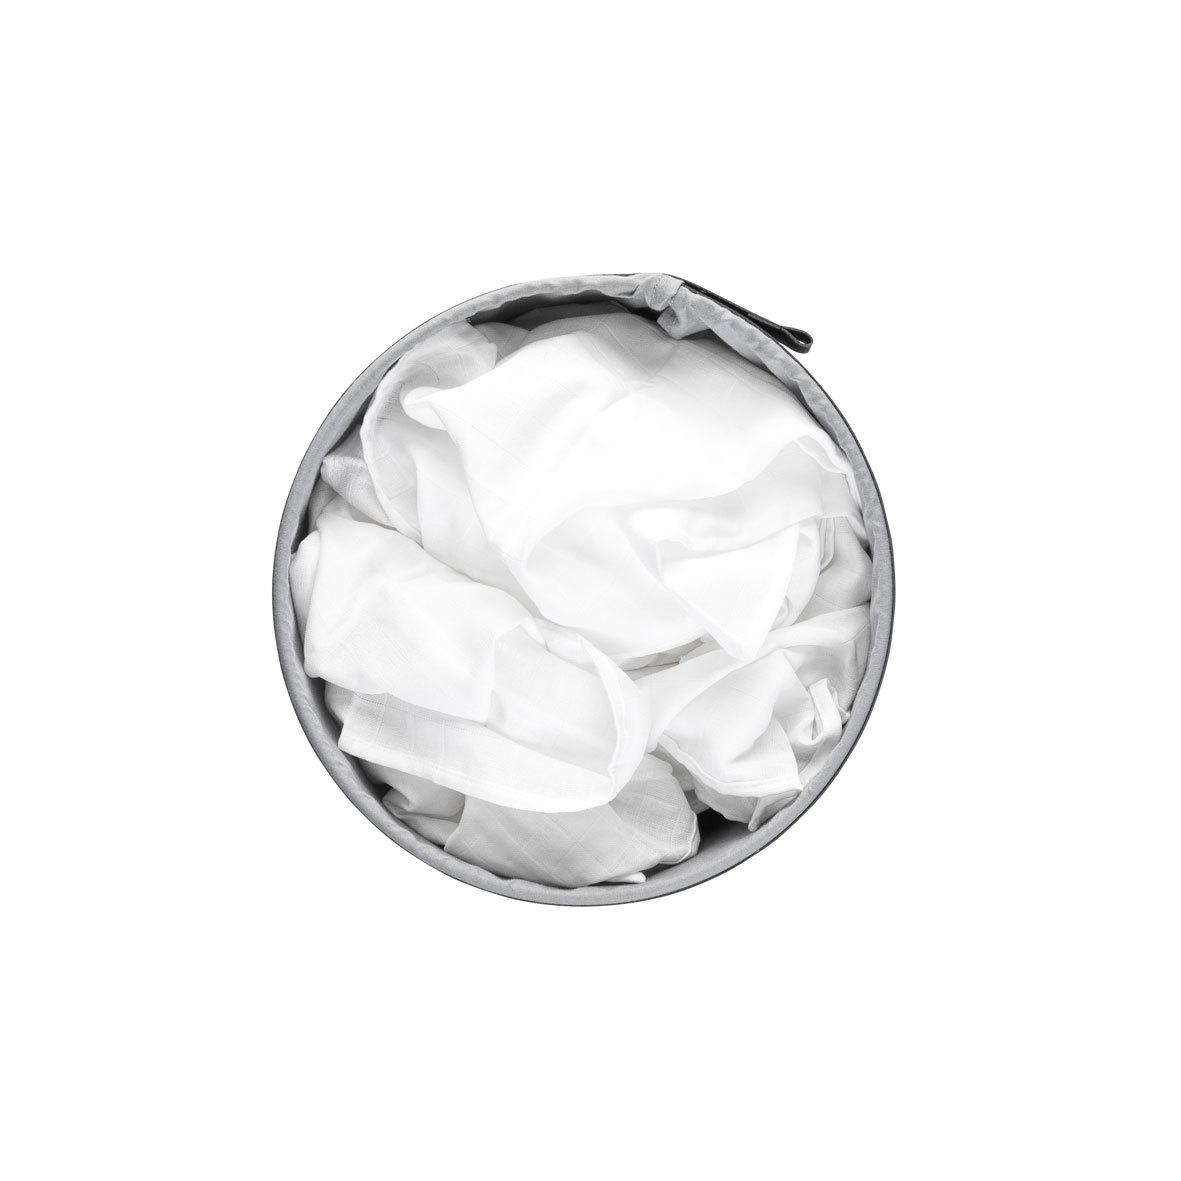 Бак для белья с пластиковой крышкой (35 л), Белый, арт. 304866 - фото 1